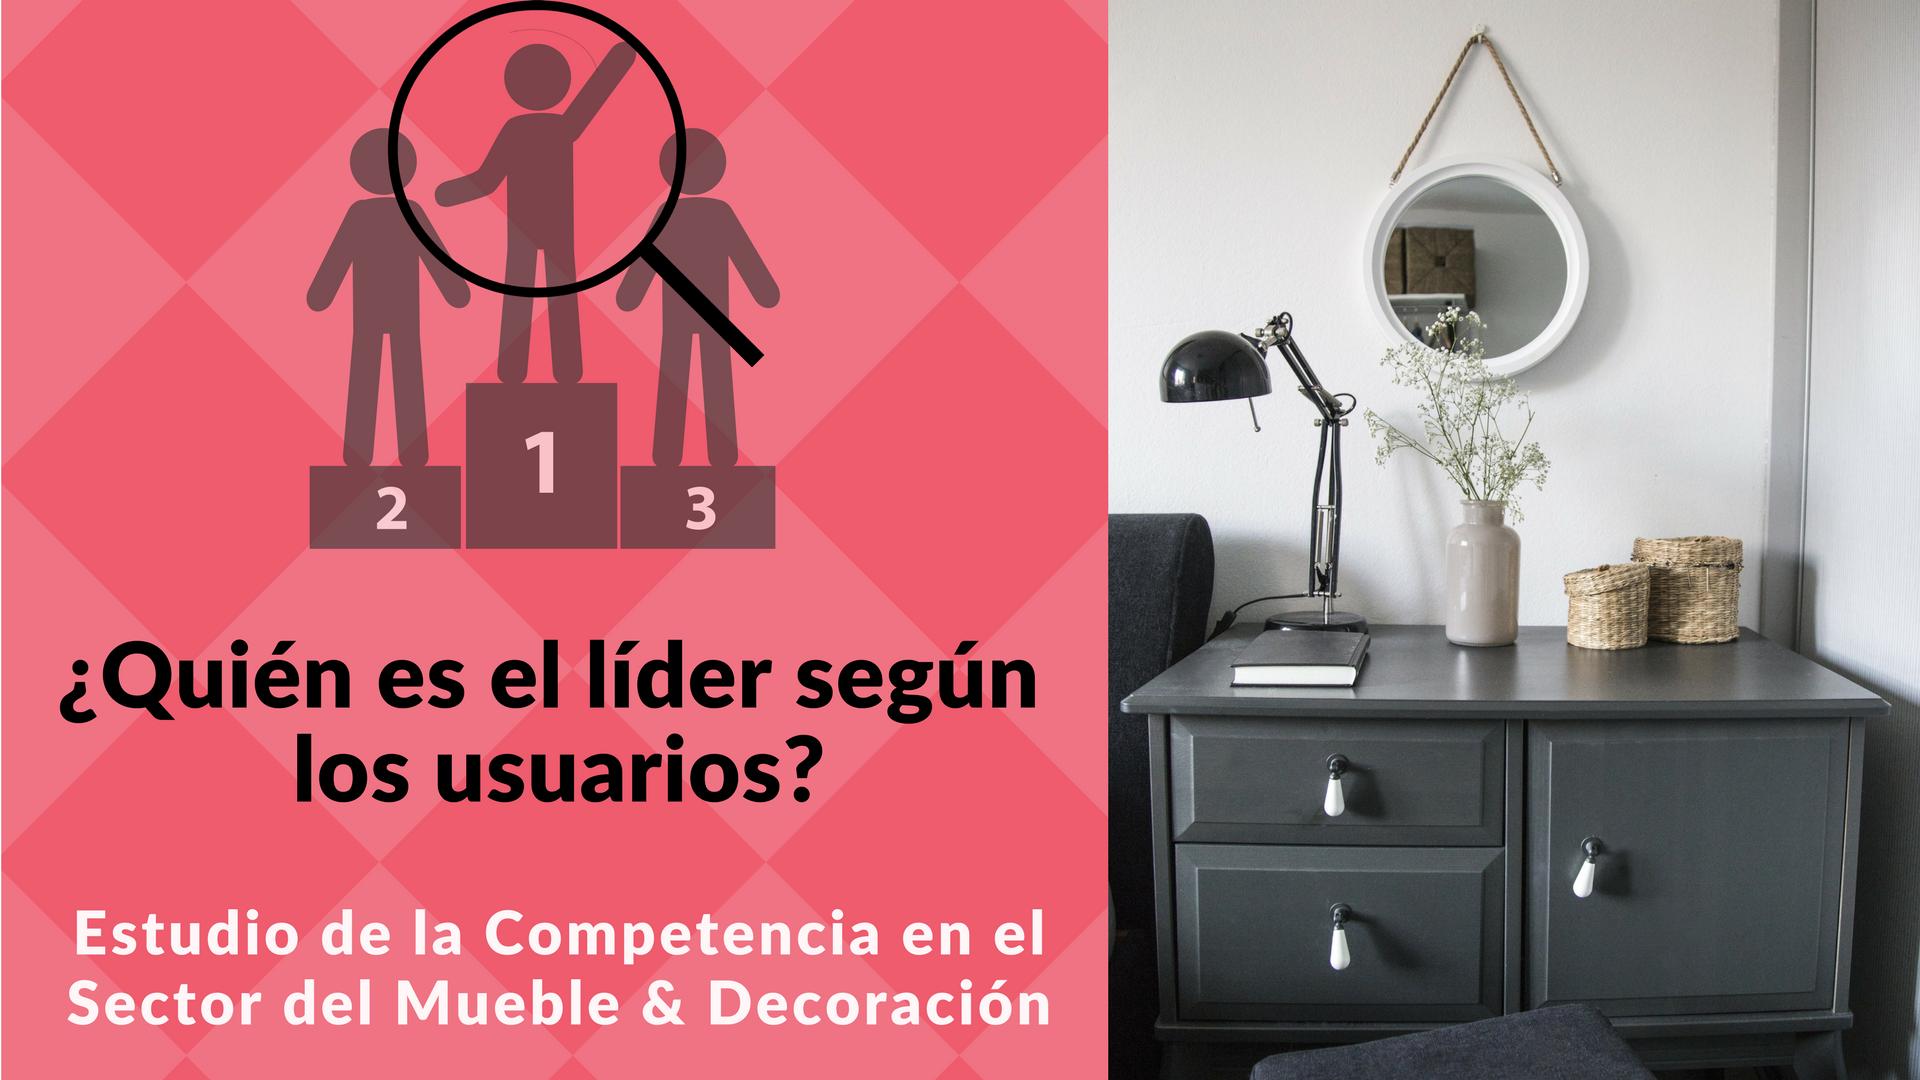 IKEA no es el líder (Lo dicen los usuarios) Estudio de la competencia: Sector del Mueble & Decoración.